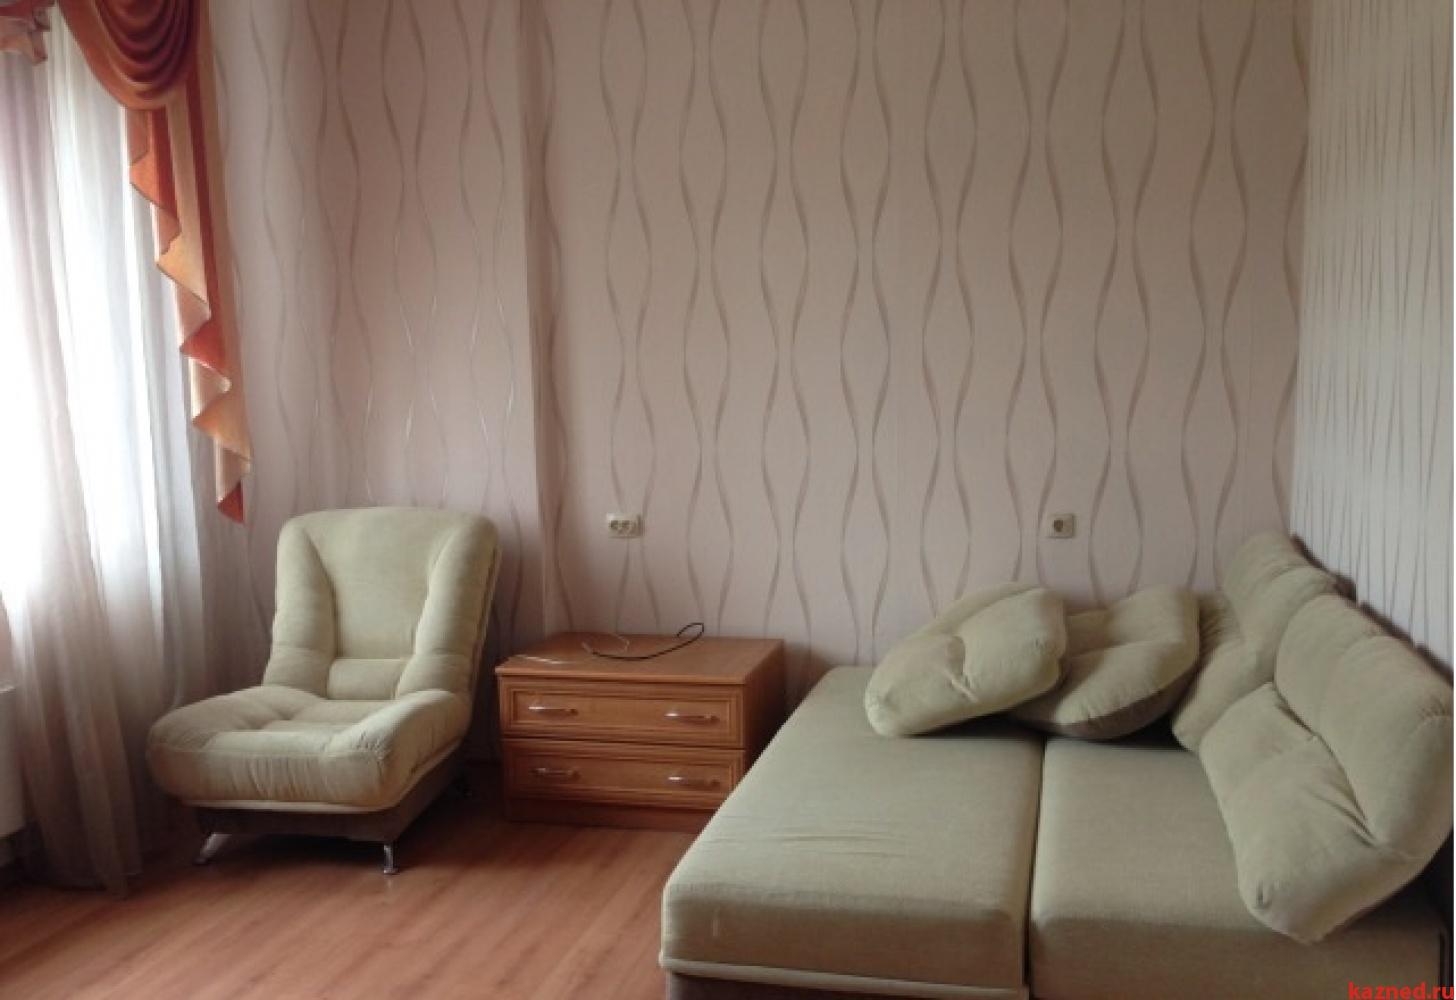 Продажа 1-к квартиры Ленинградская, 22, 47 м2  (миниатюра №3)